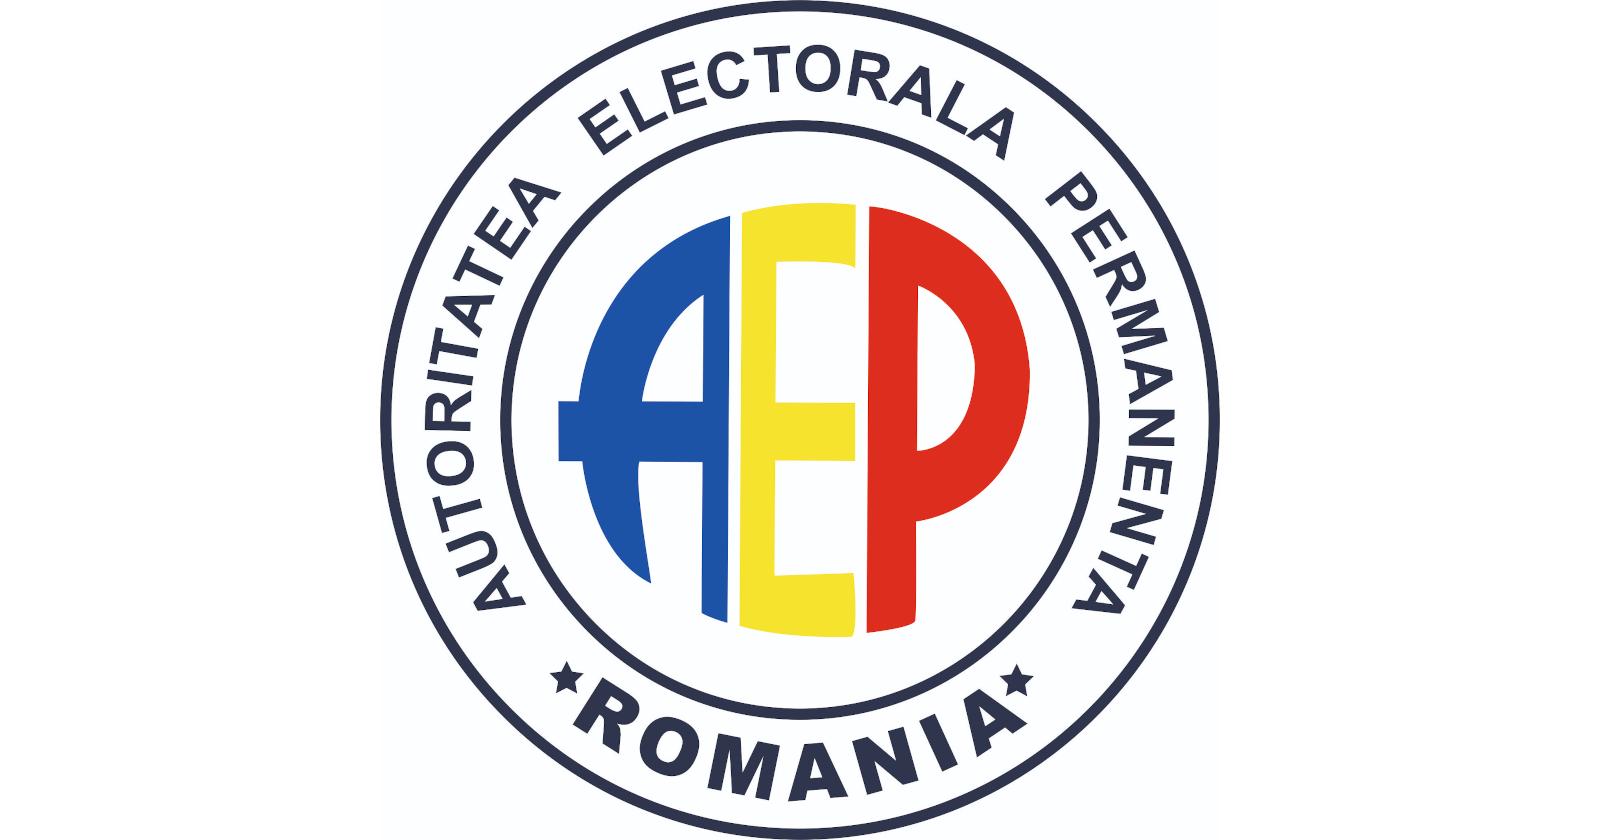 Hotărârea nr. 1/2016 pentru aprobarea modelului listei susținătorilor care va fi folosit la alegerile locale